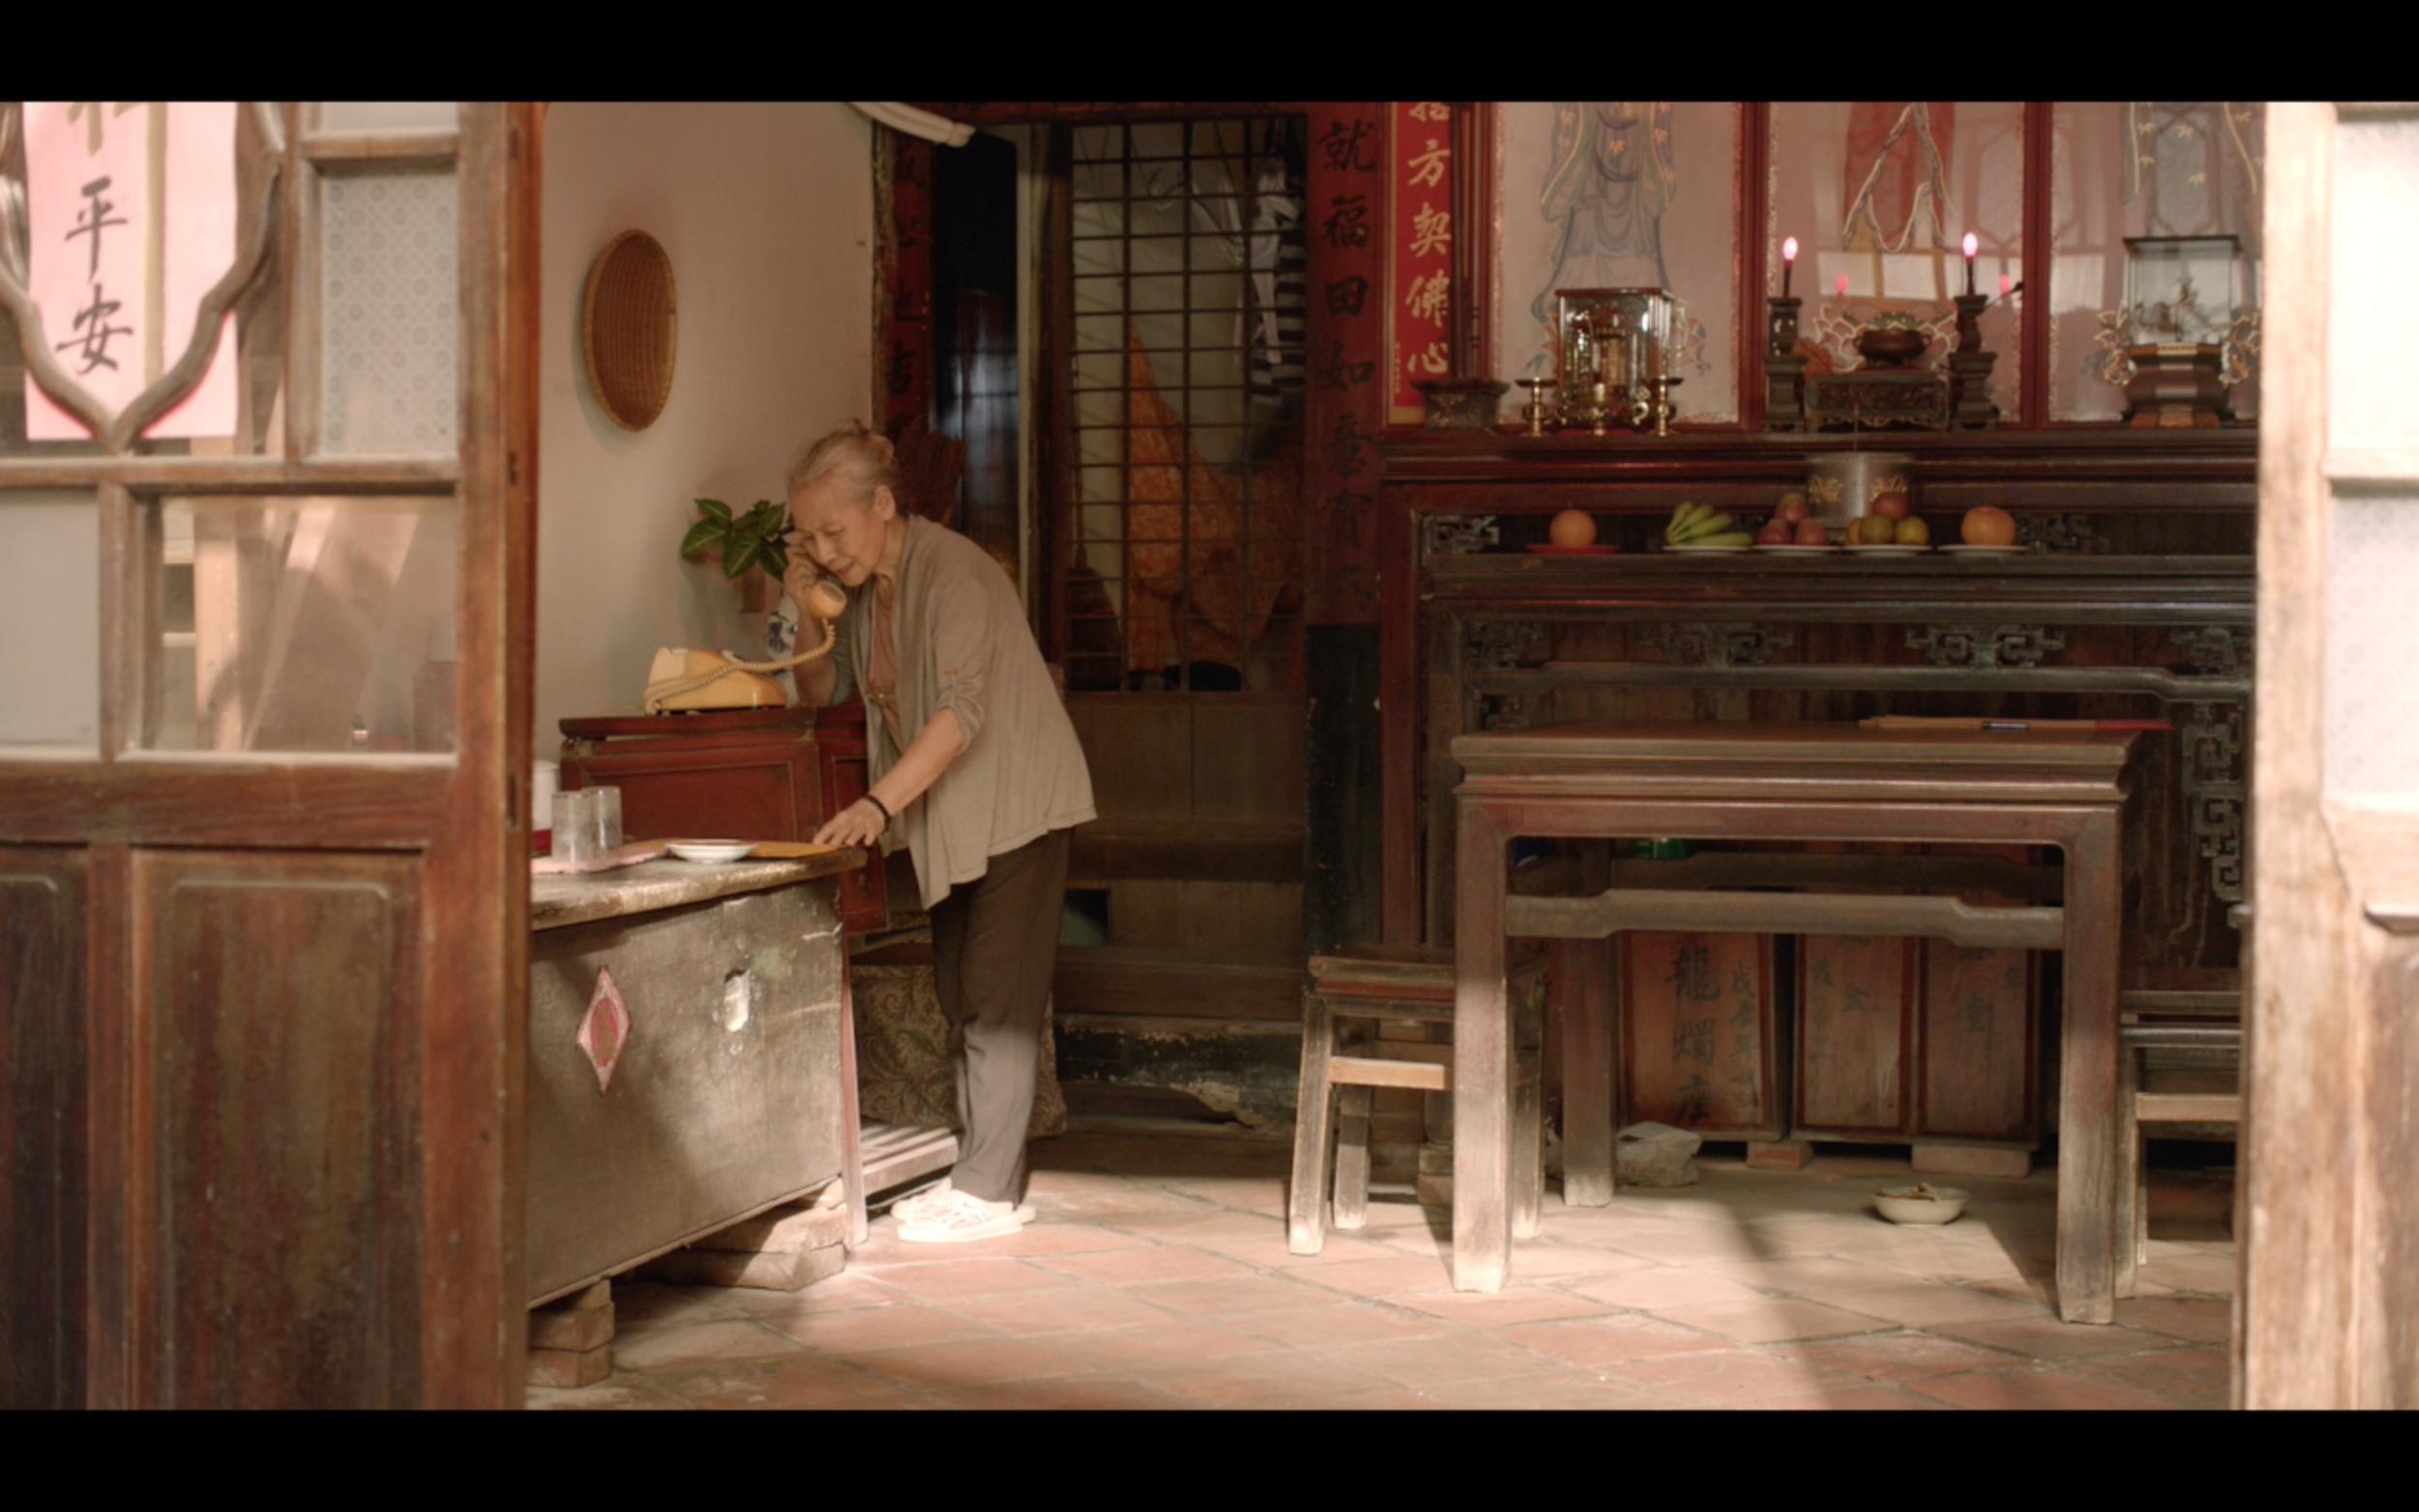 林阿嬤 | Grandma Lin - 吳美和 | Mei-Hou Wu, 鹿港小鎮 | Lukang Township